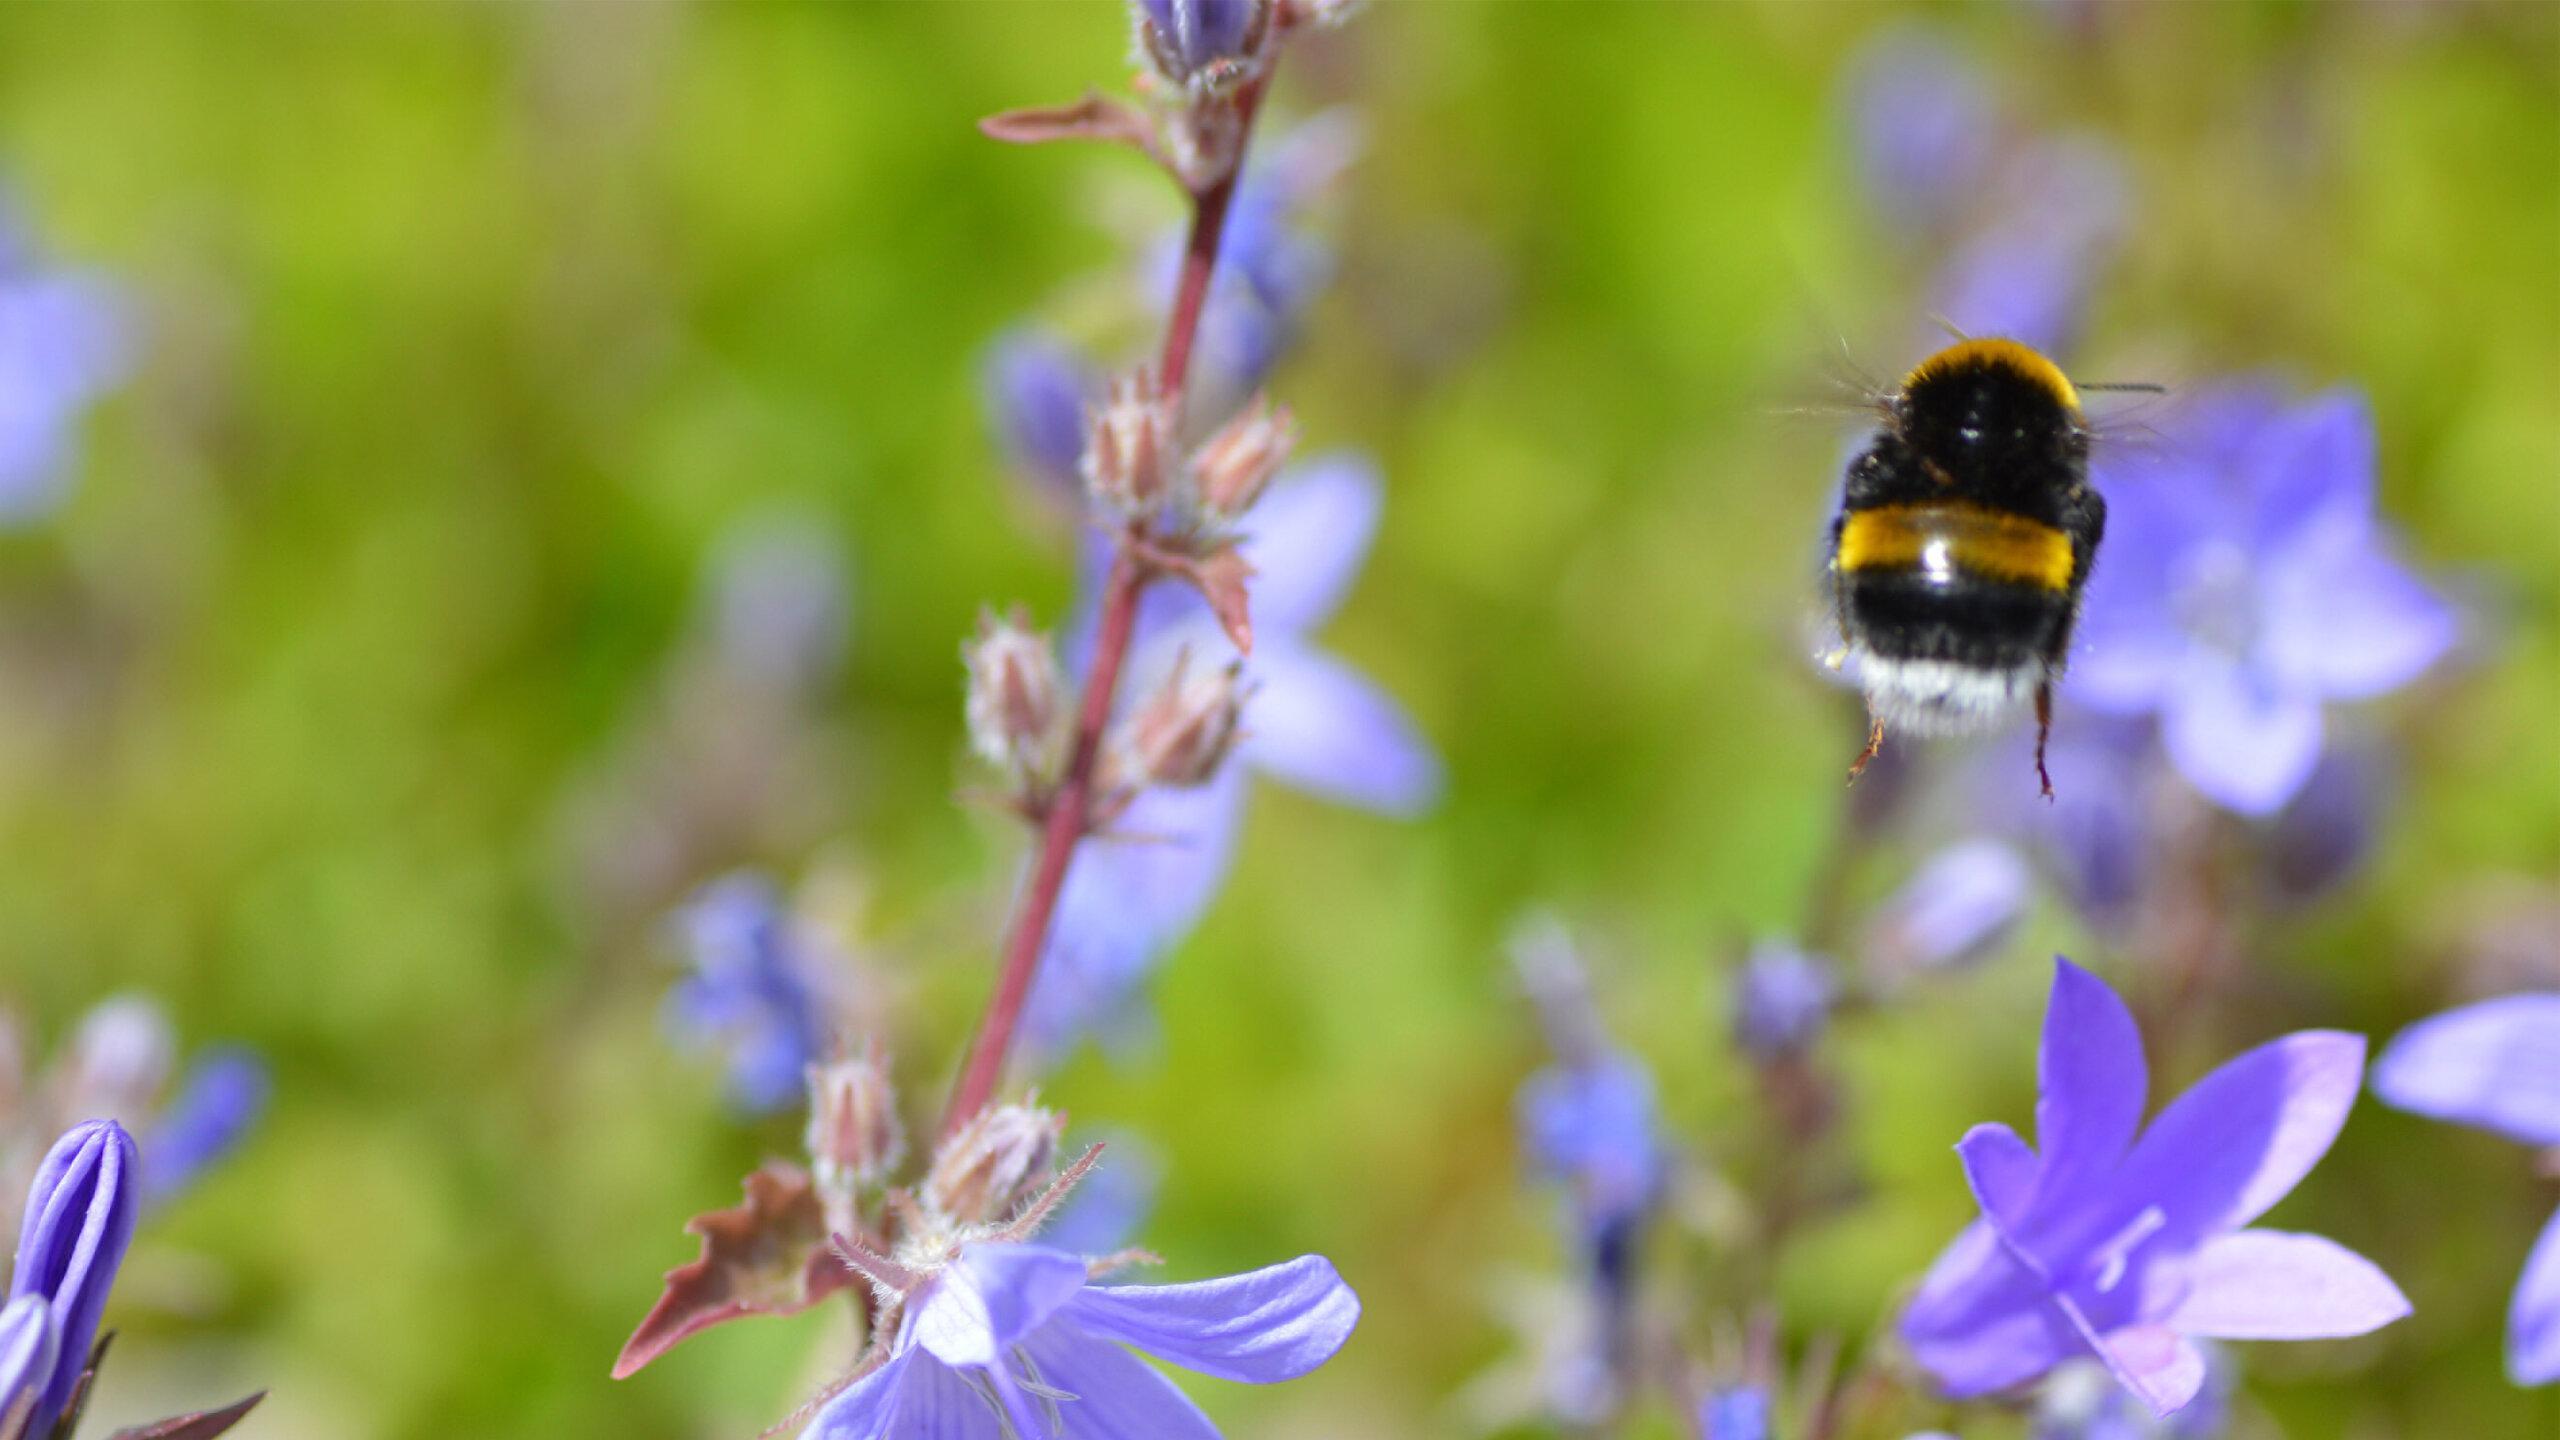 Пчелы оказались способны осознавать размеры и форму собственного тела